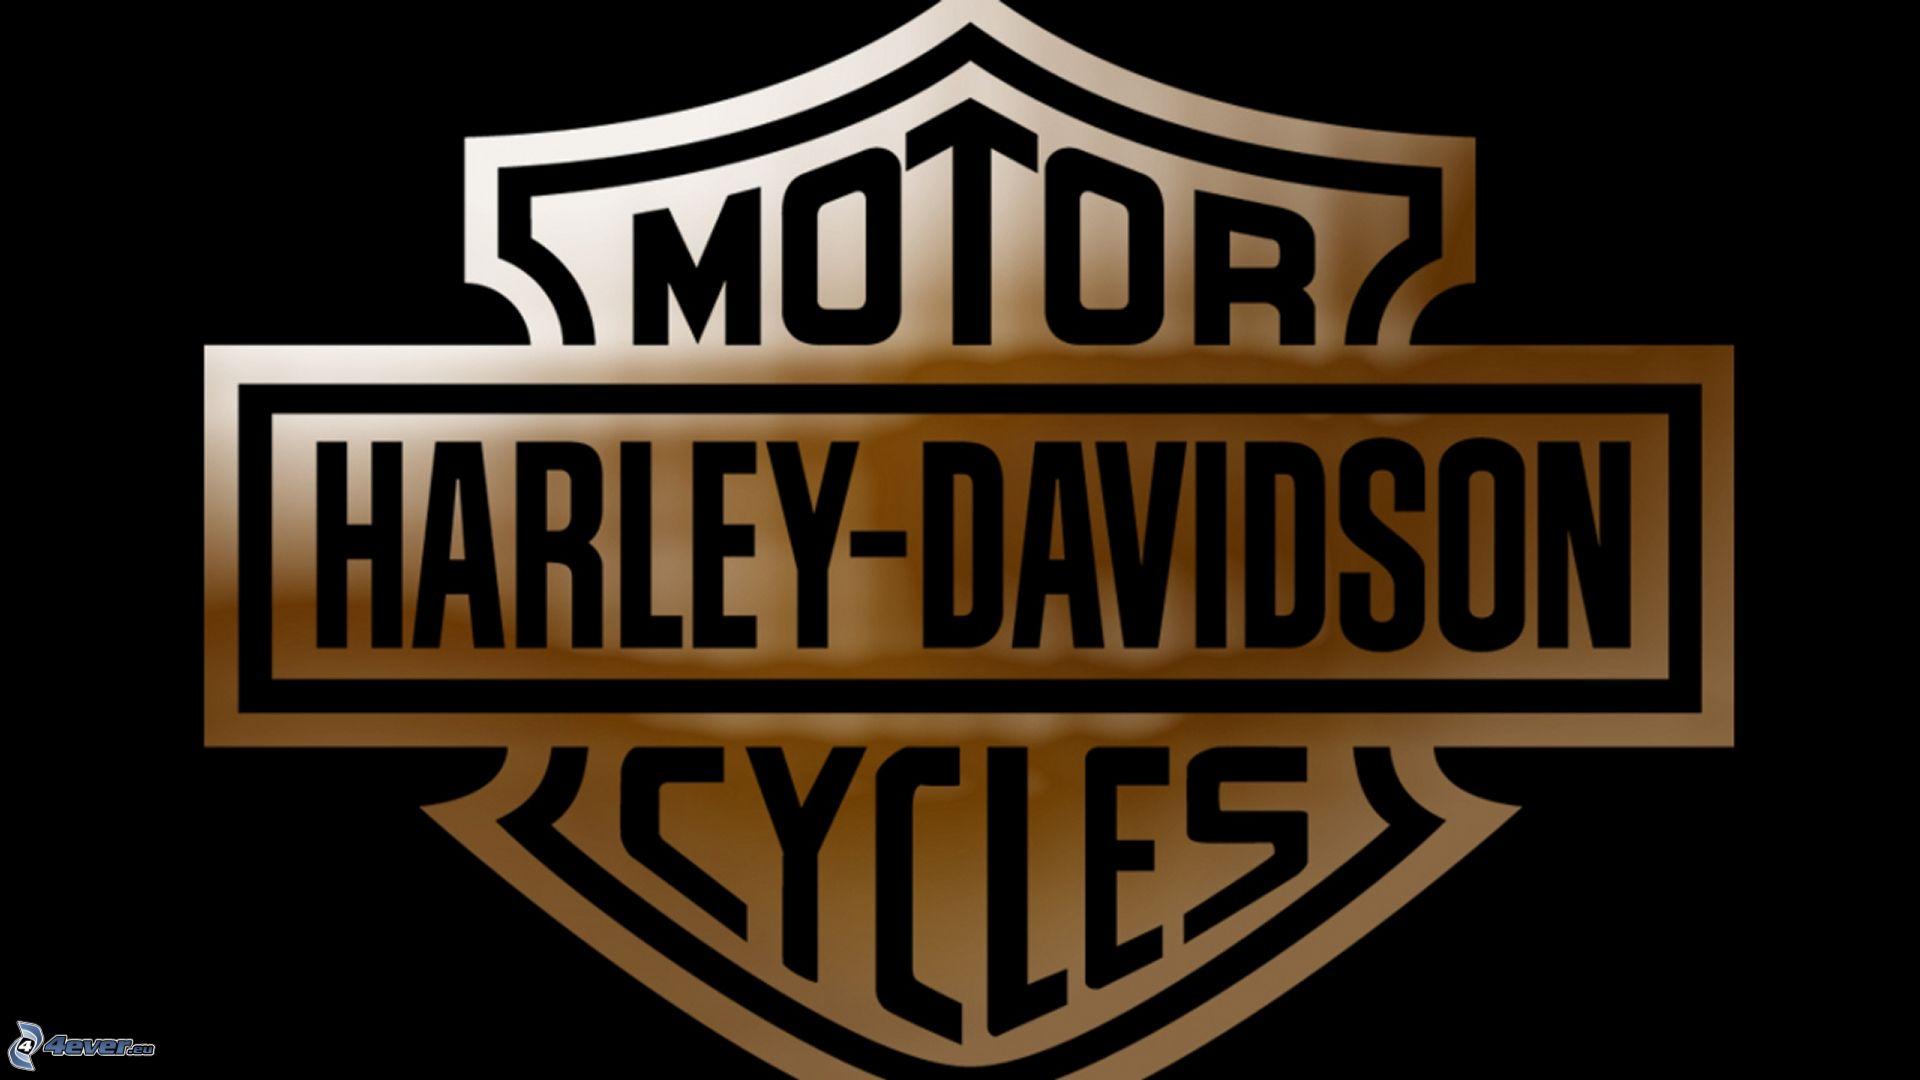 Harley Davidson Wallpapers And Screensavers Wallpapersafari